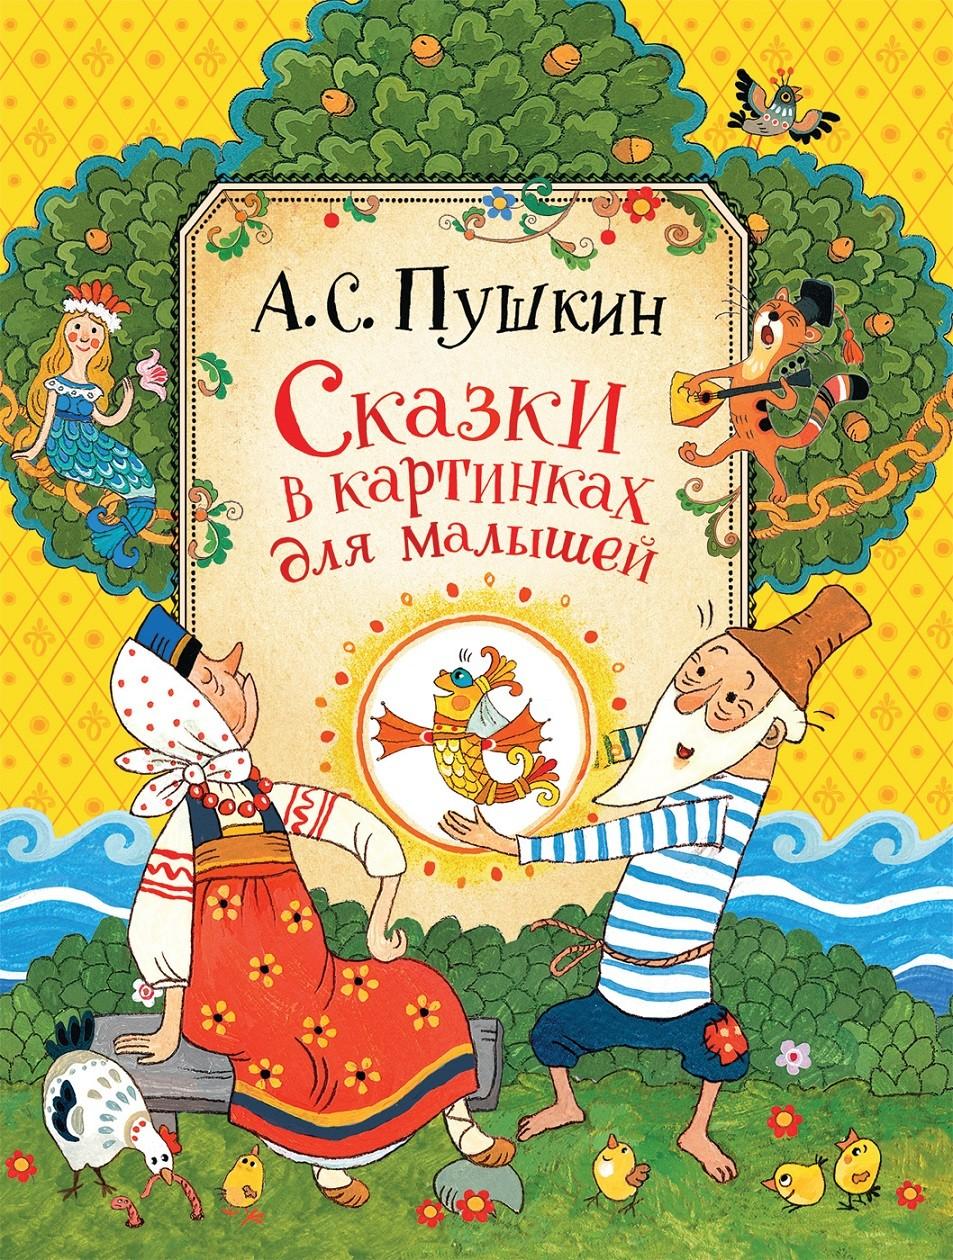 Купить Книга. Сказки в картинках для малышей, Пушкин А.С. [34522], Обучающие материалы и авторские методики для детей